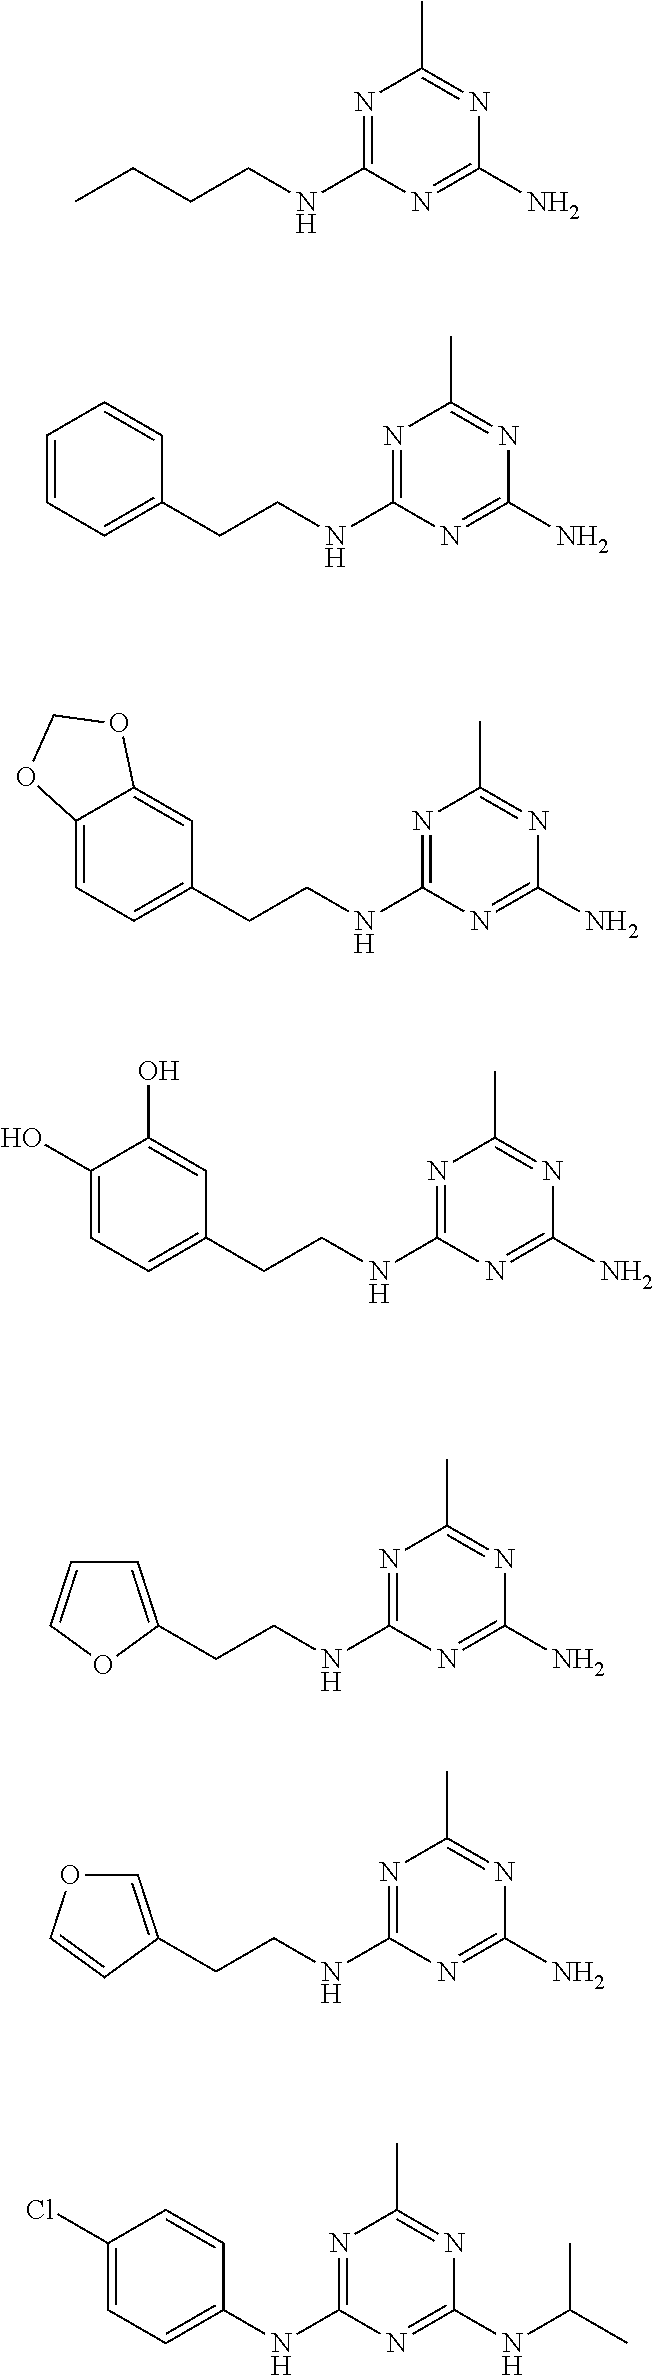 Figure US09572784-20170221-C00004